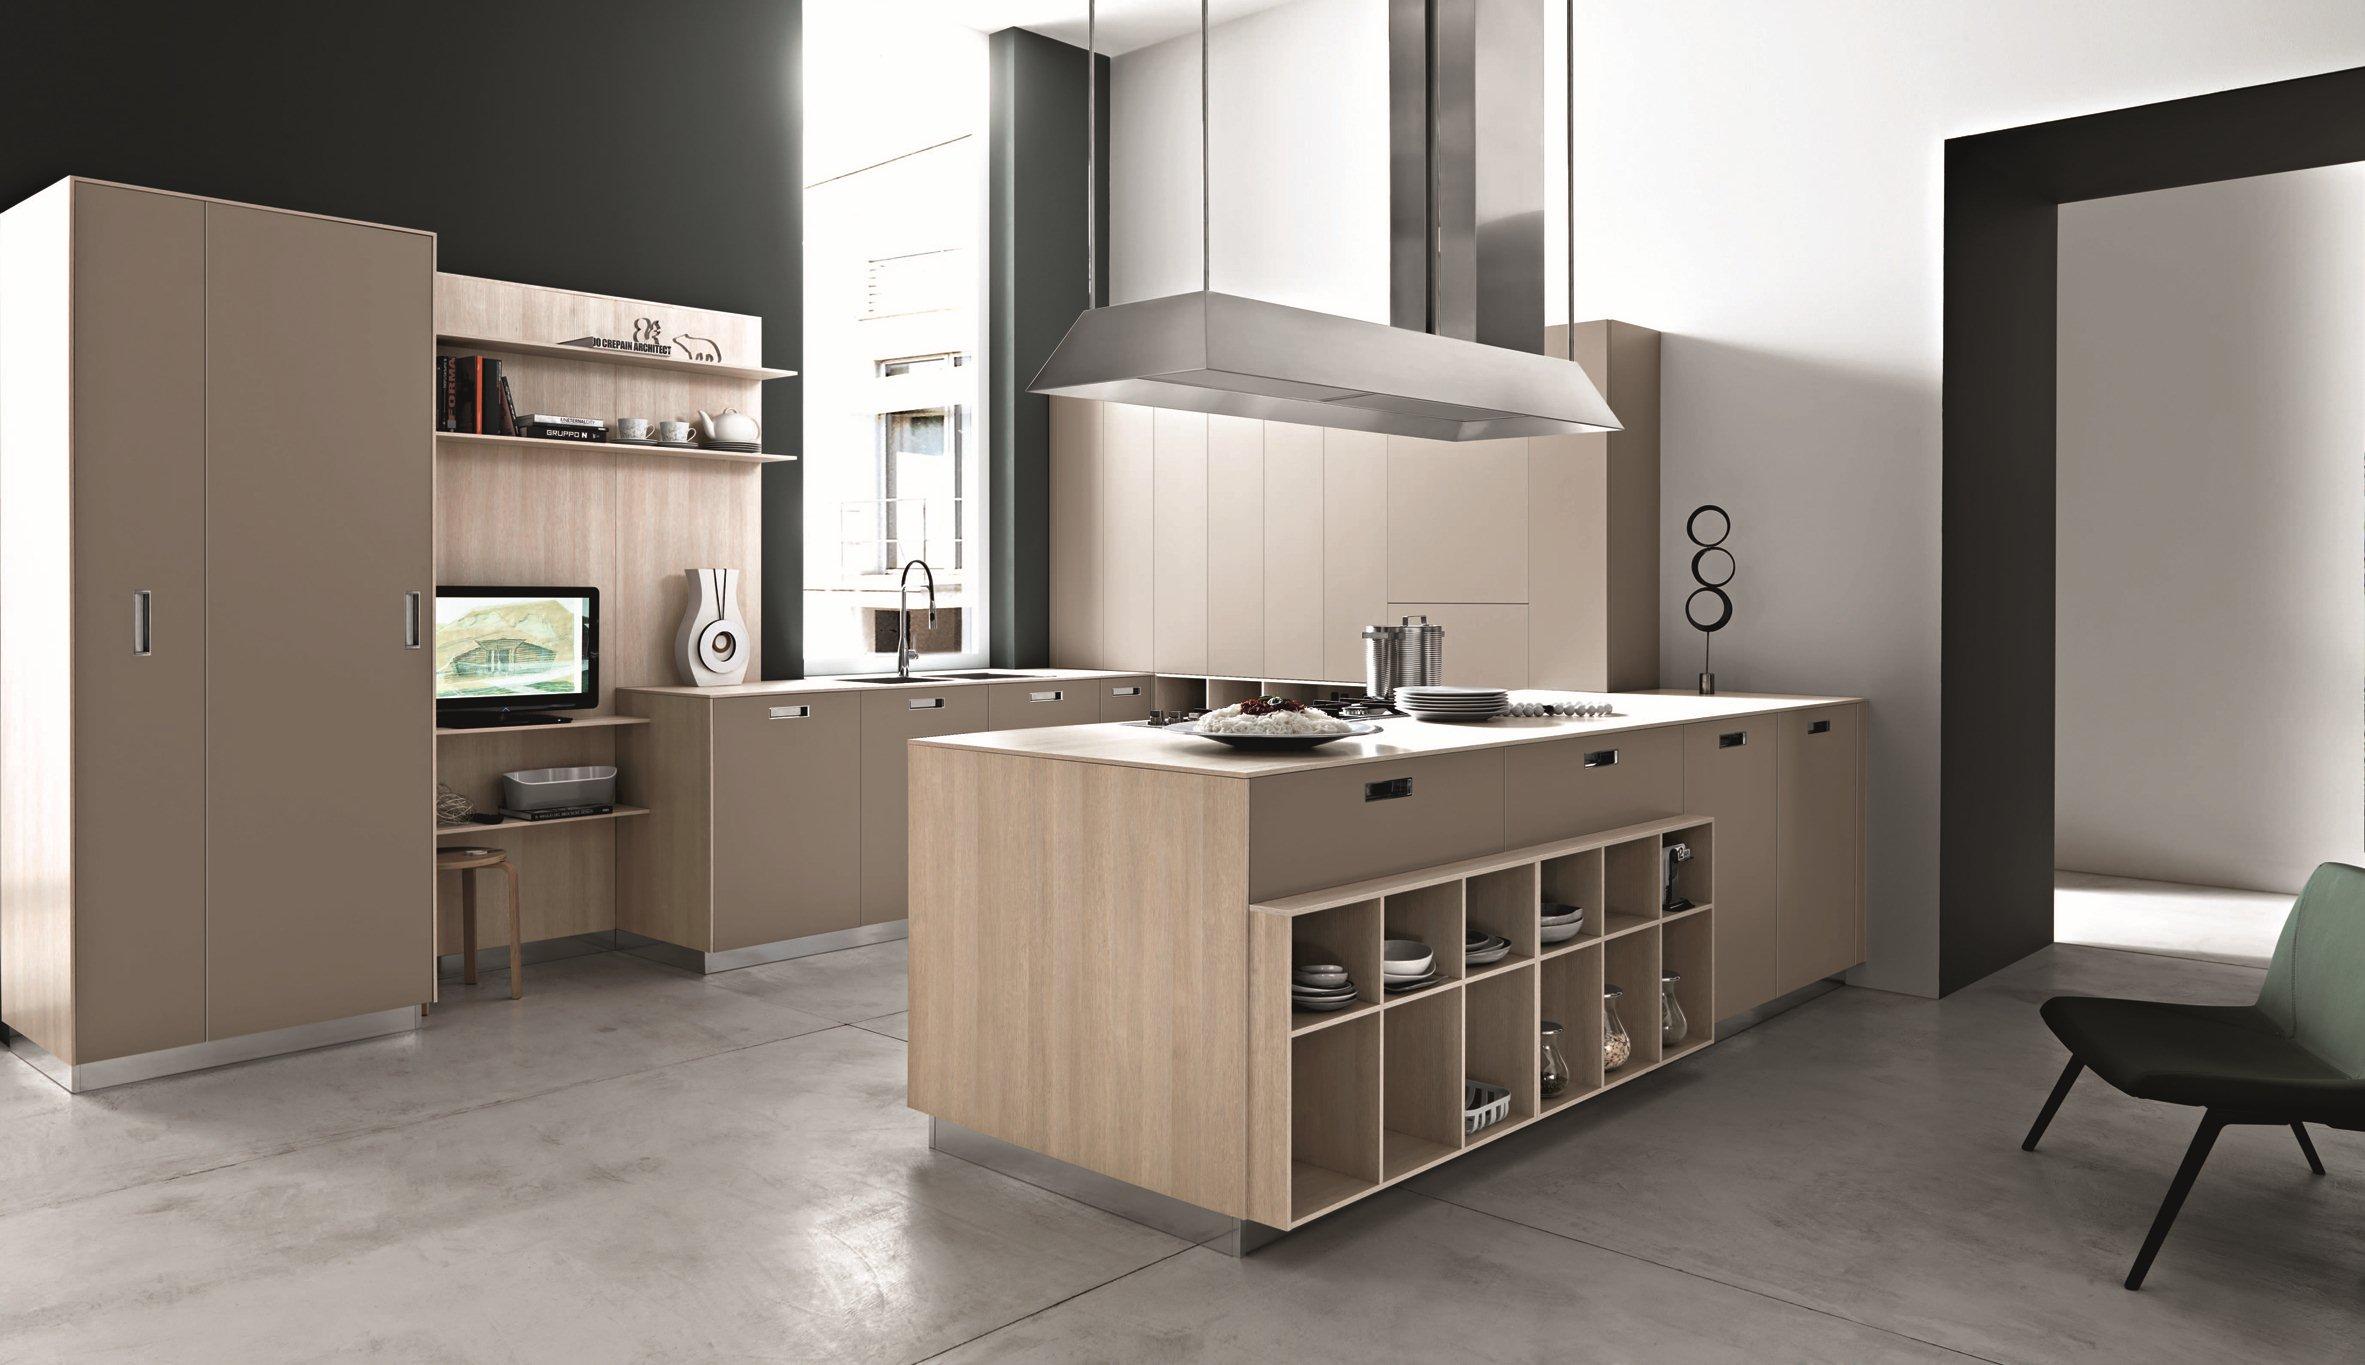 Emejing Cucine Cesar Opinioni Ideas - Design & Ideas 2017 - candp.us